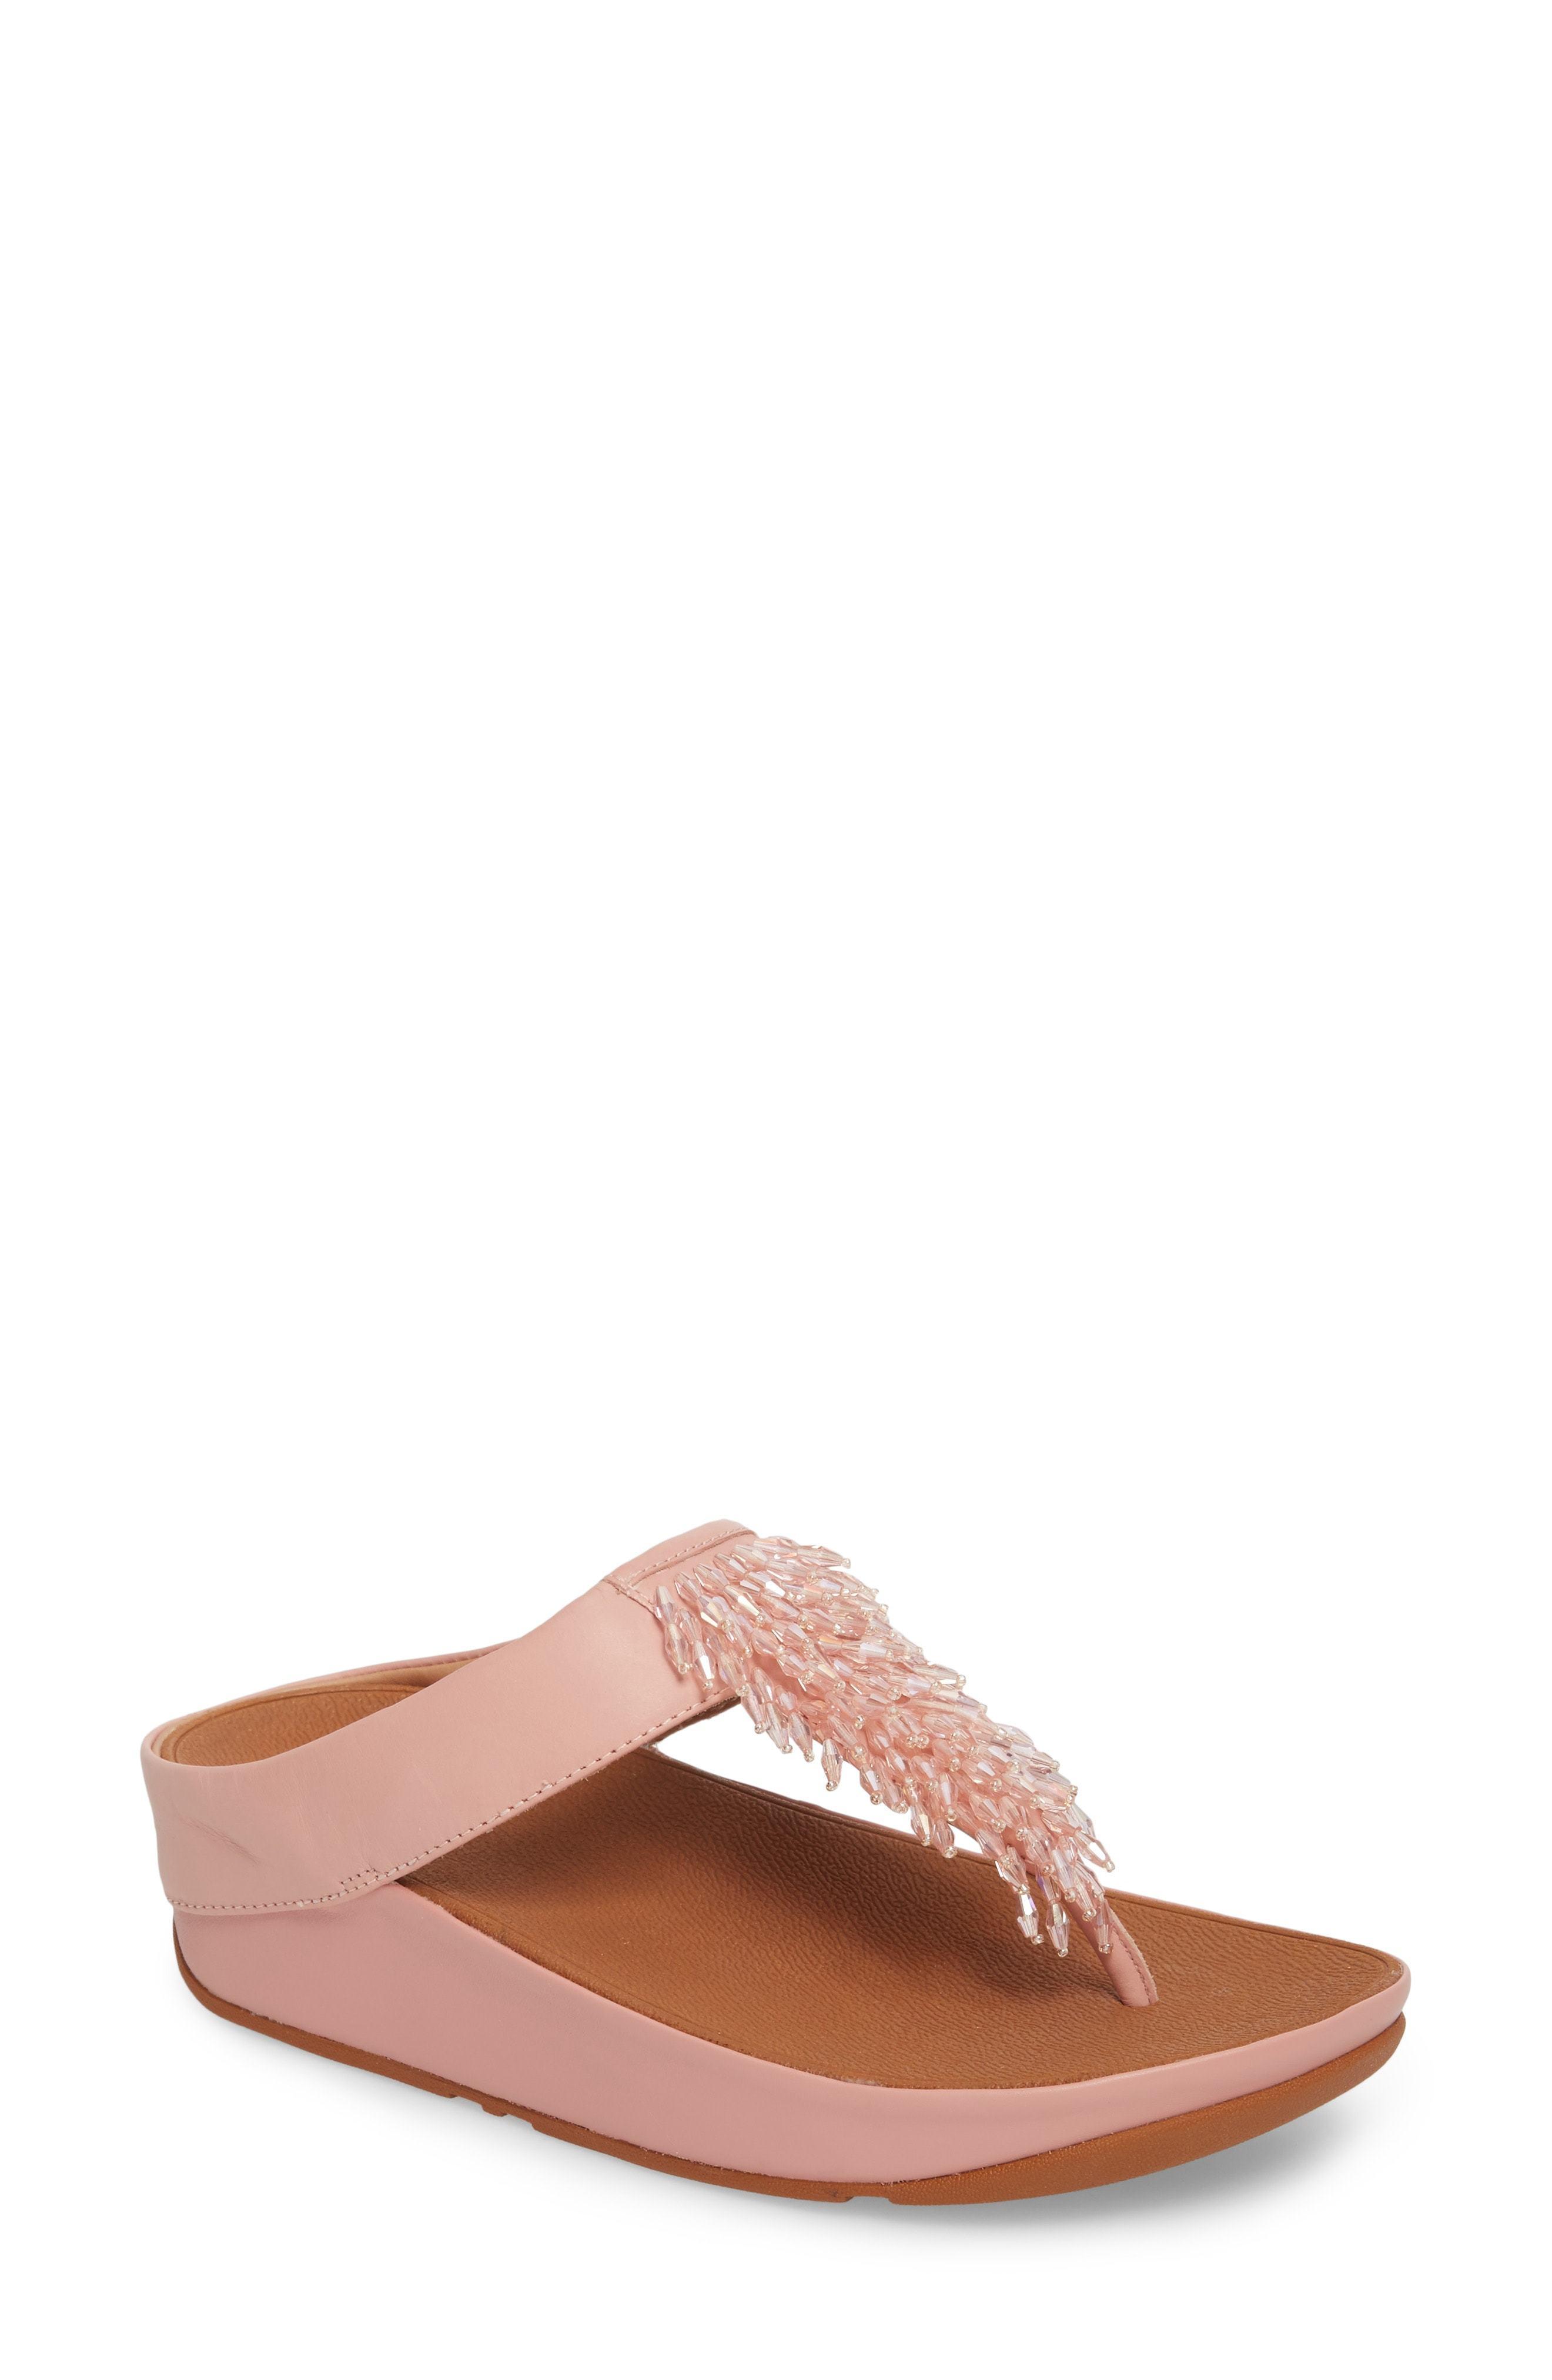 d3c8970c6 ... Sandals FitFlop Rumba Sandal